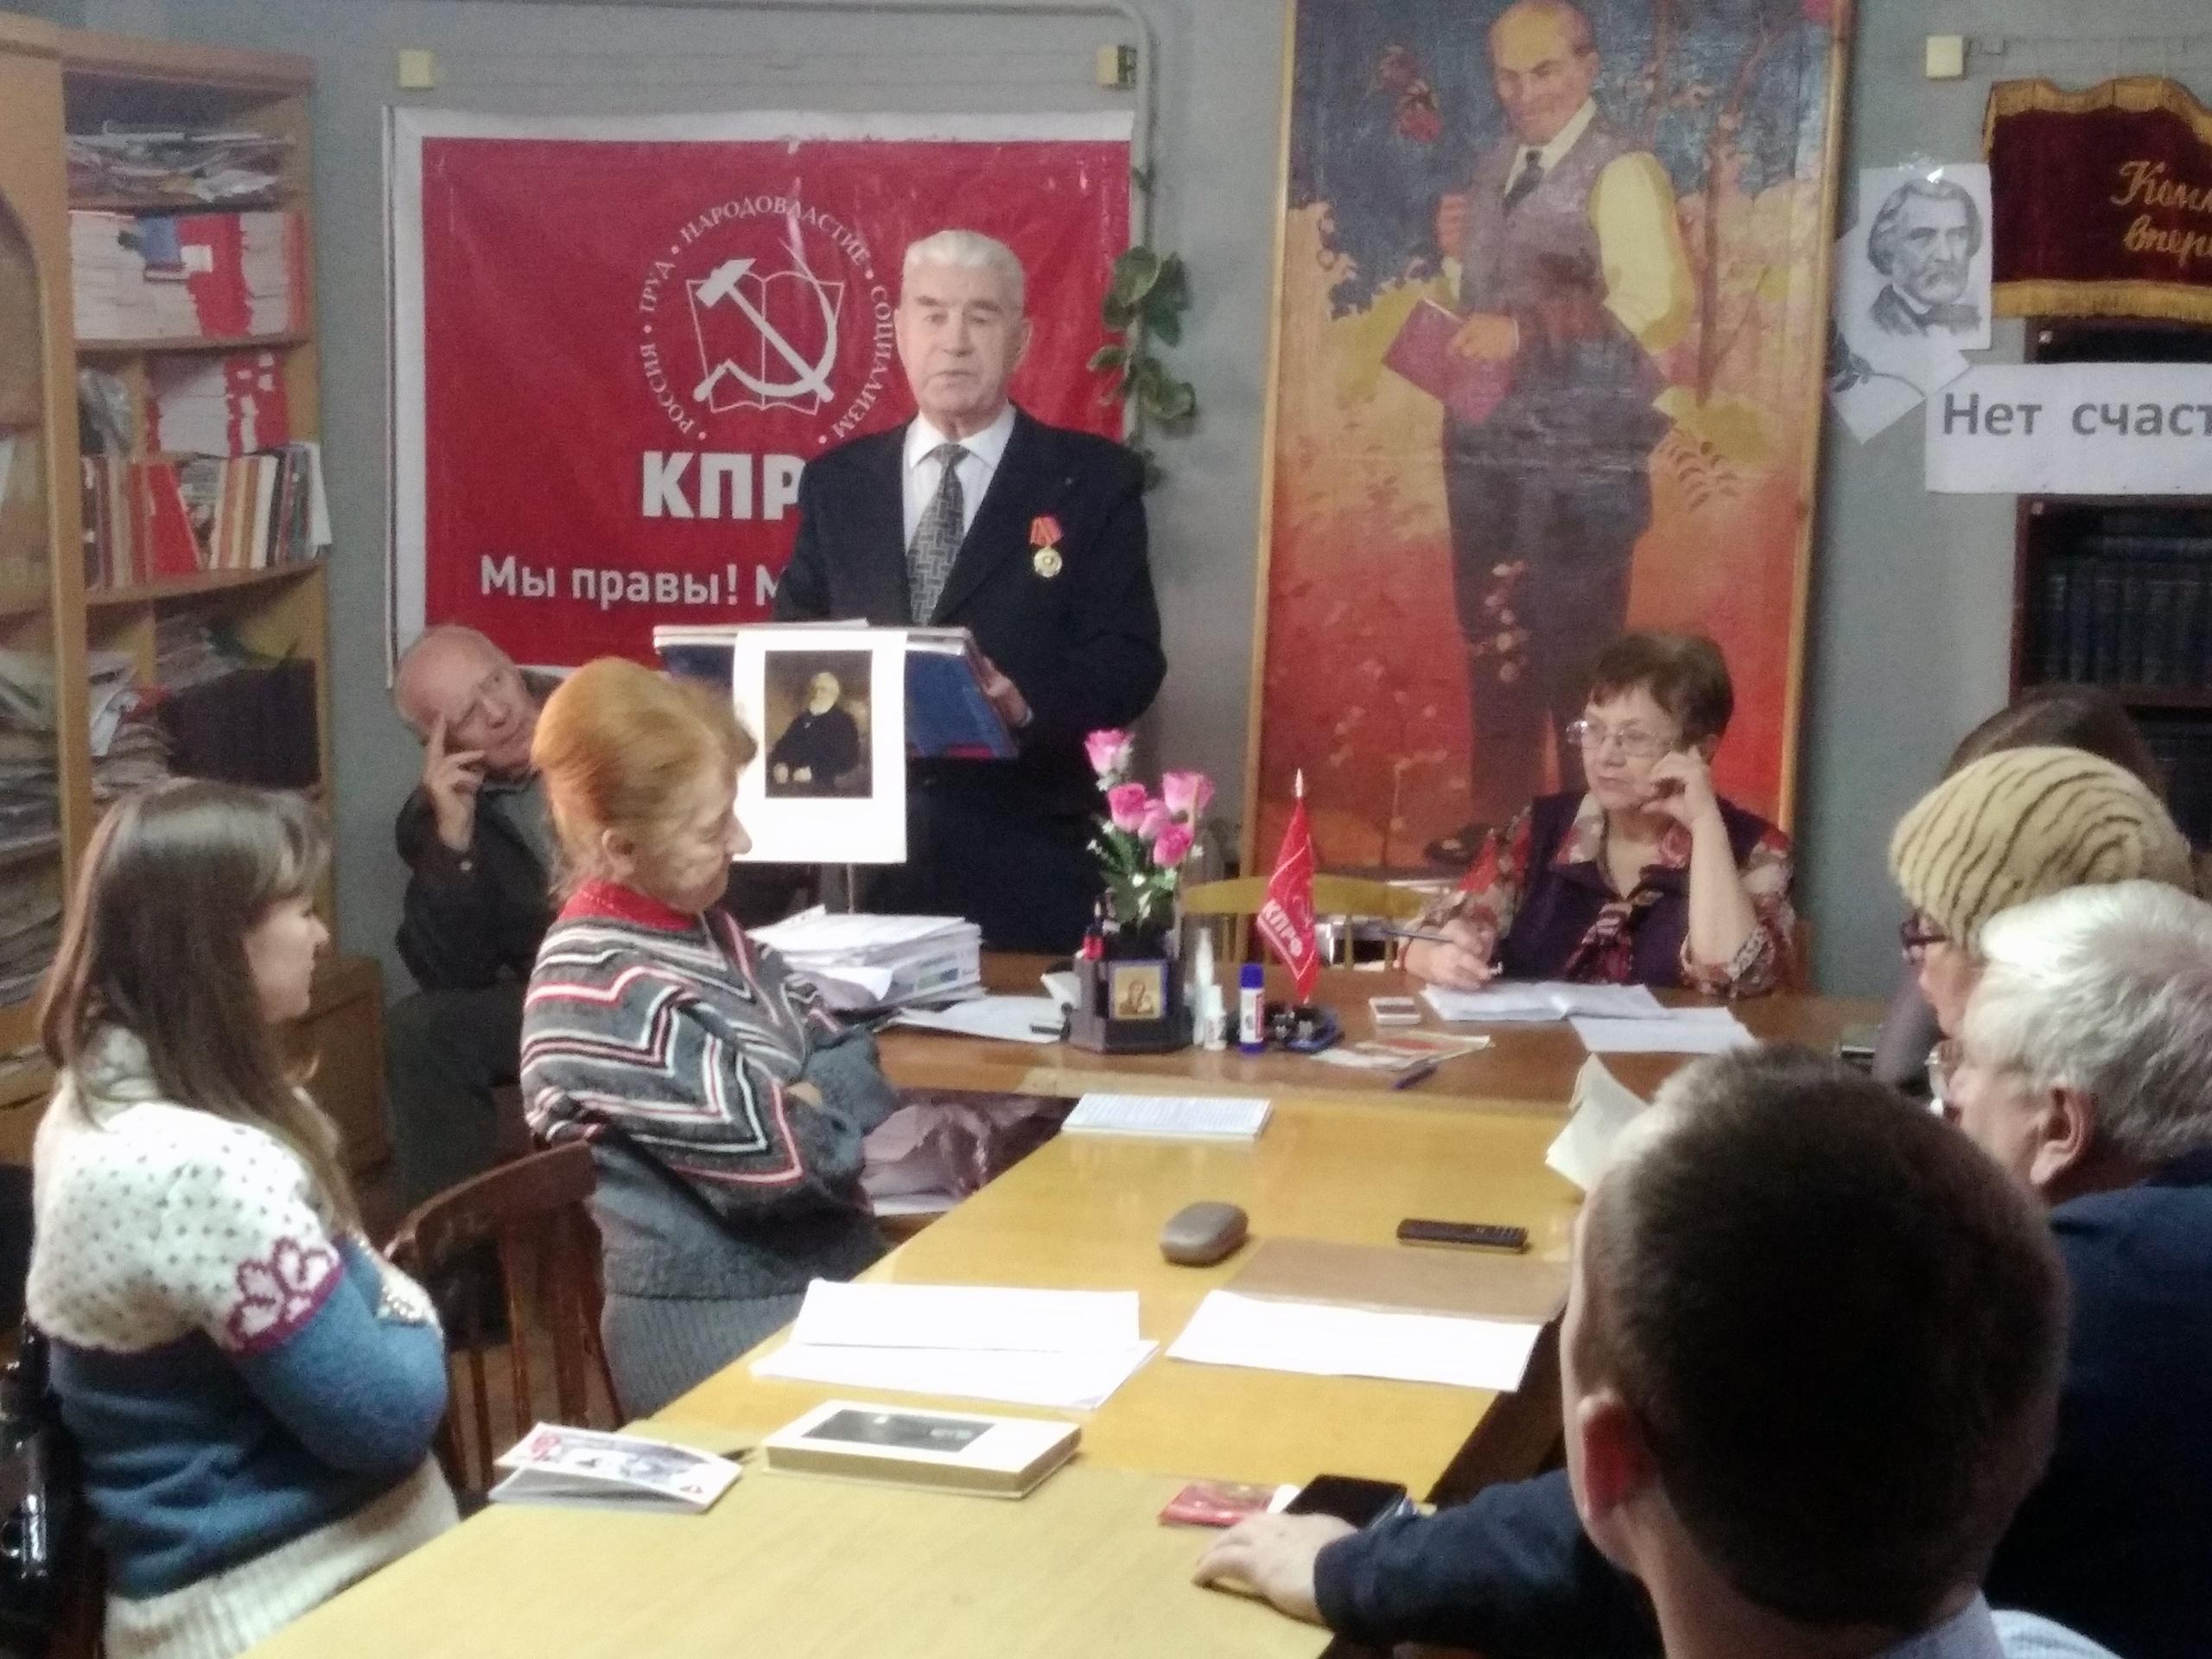 Тургенев КПРФ Сызрань 2018